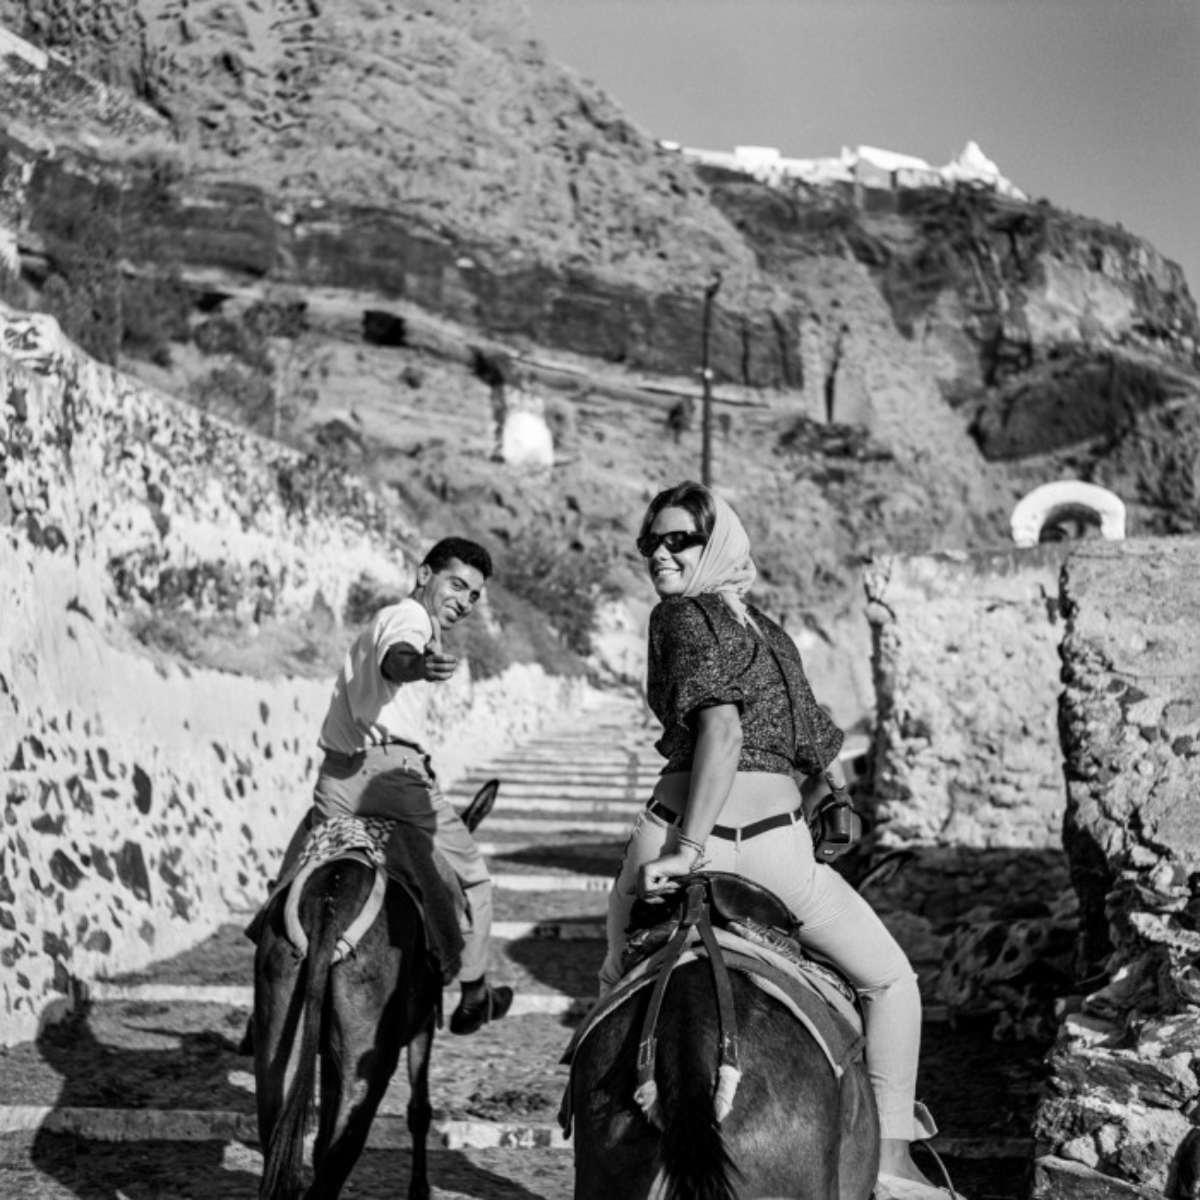 σαντορίνη 1950 μεταφορά με μουλάρια